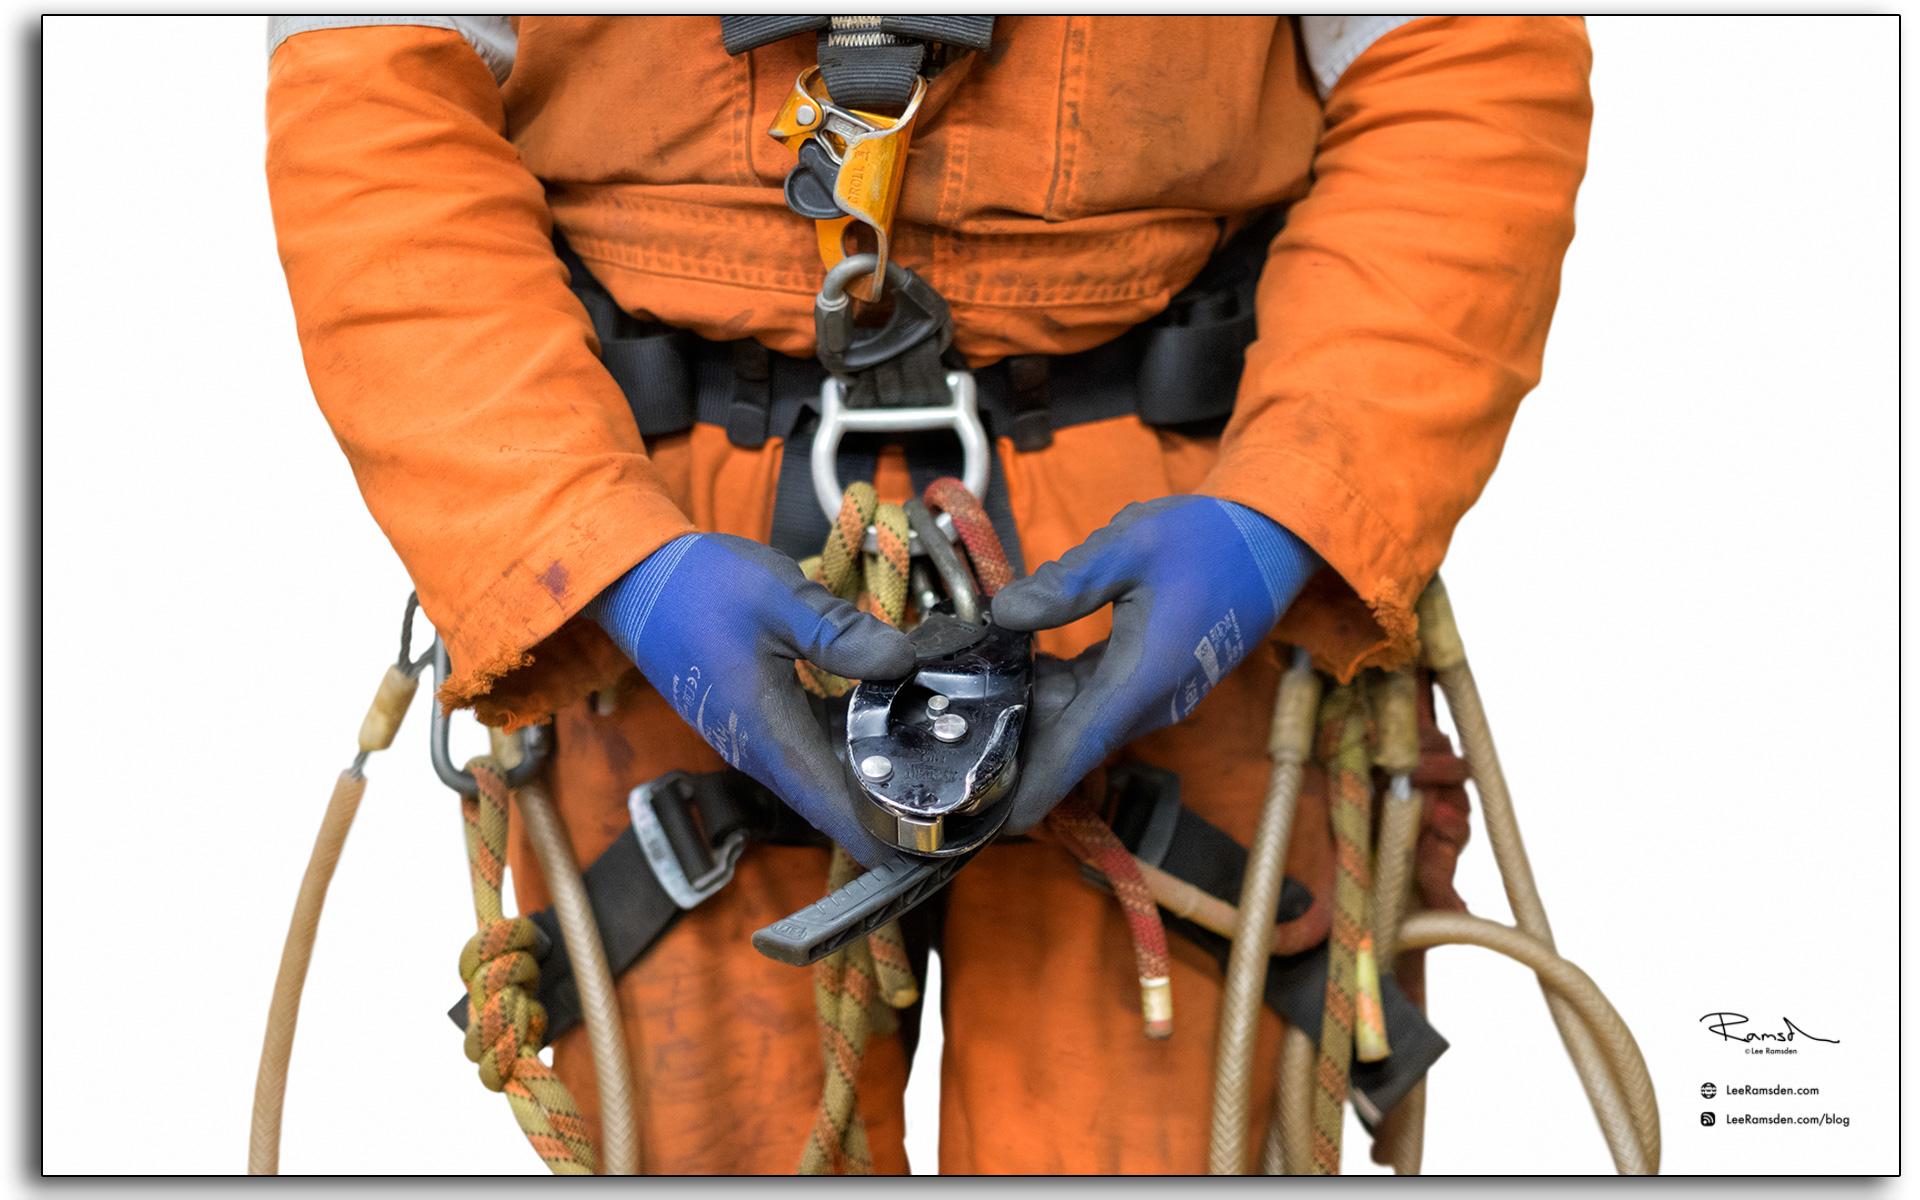 Petzl rig IRATA rope access equipment